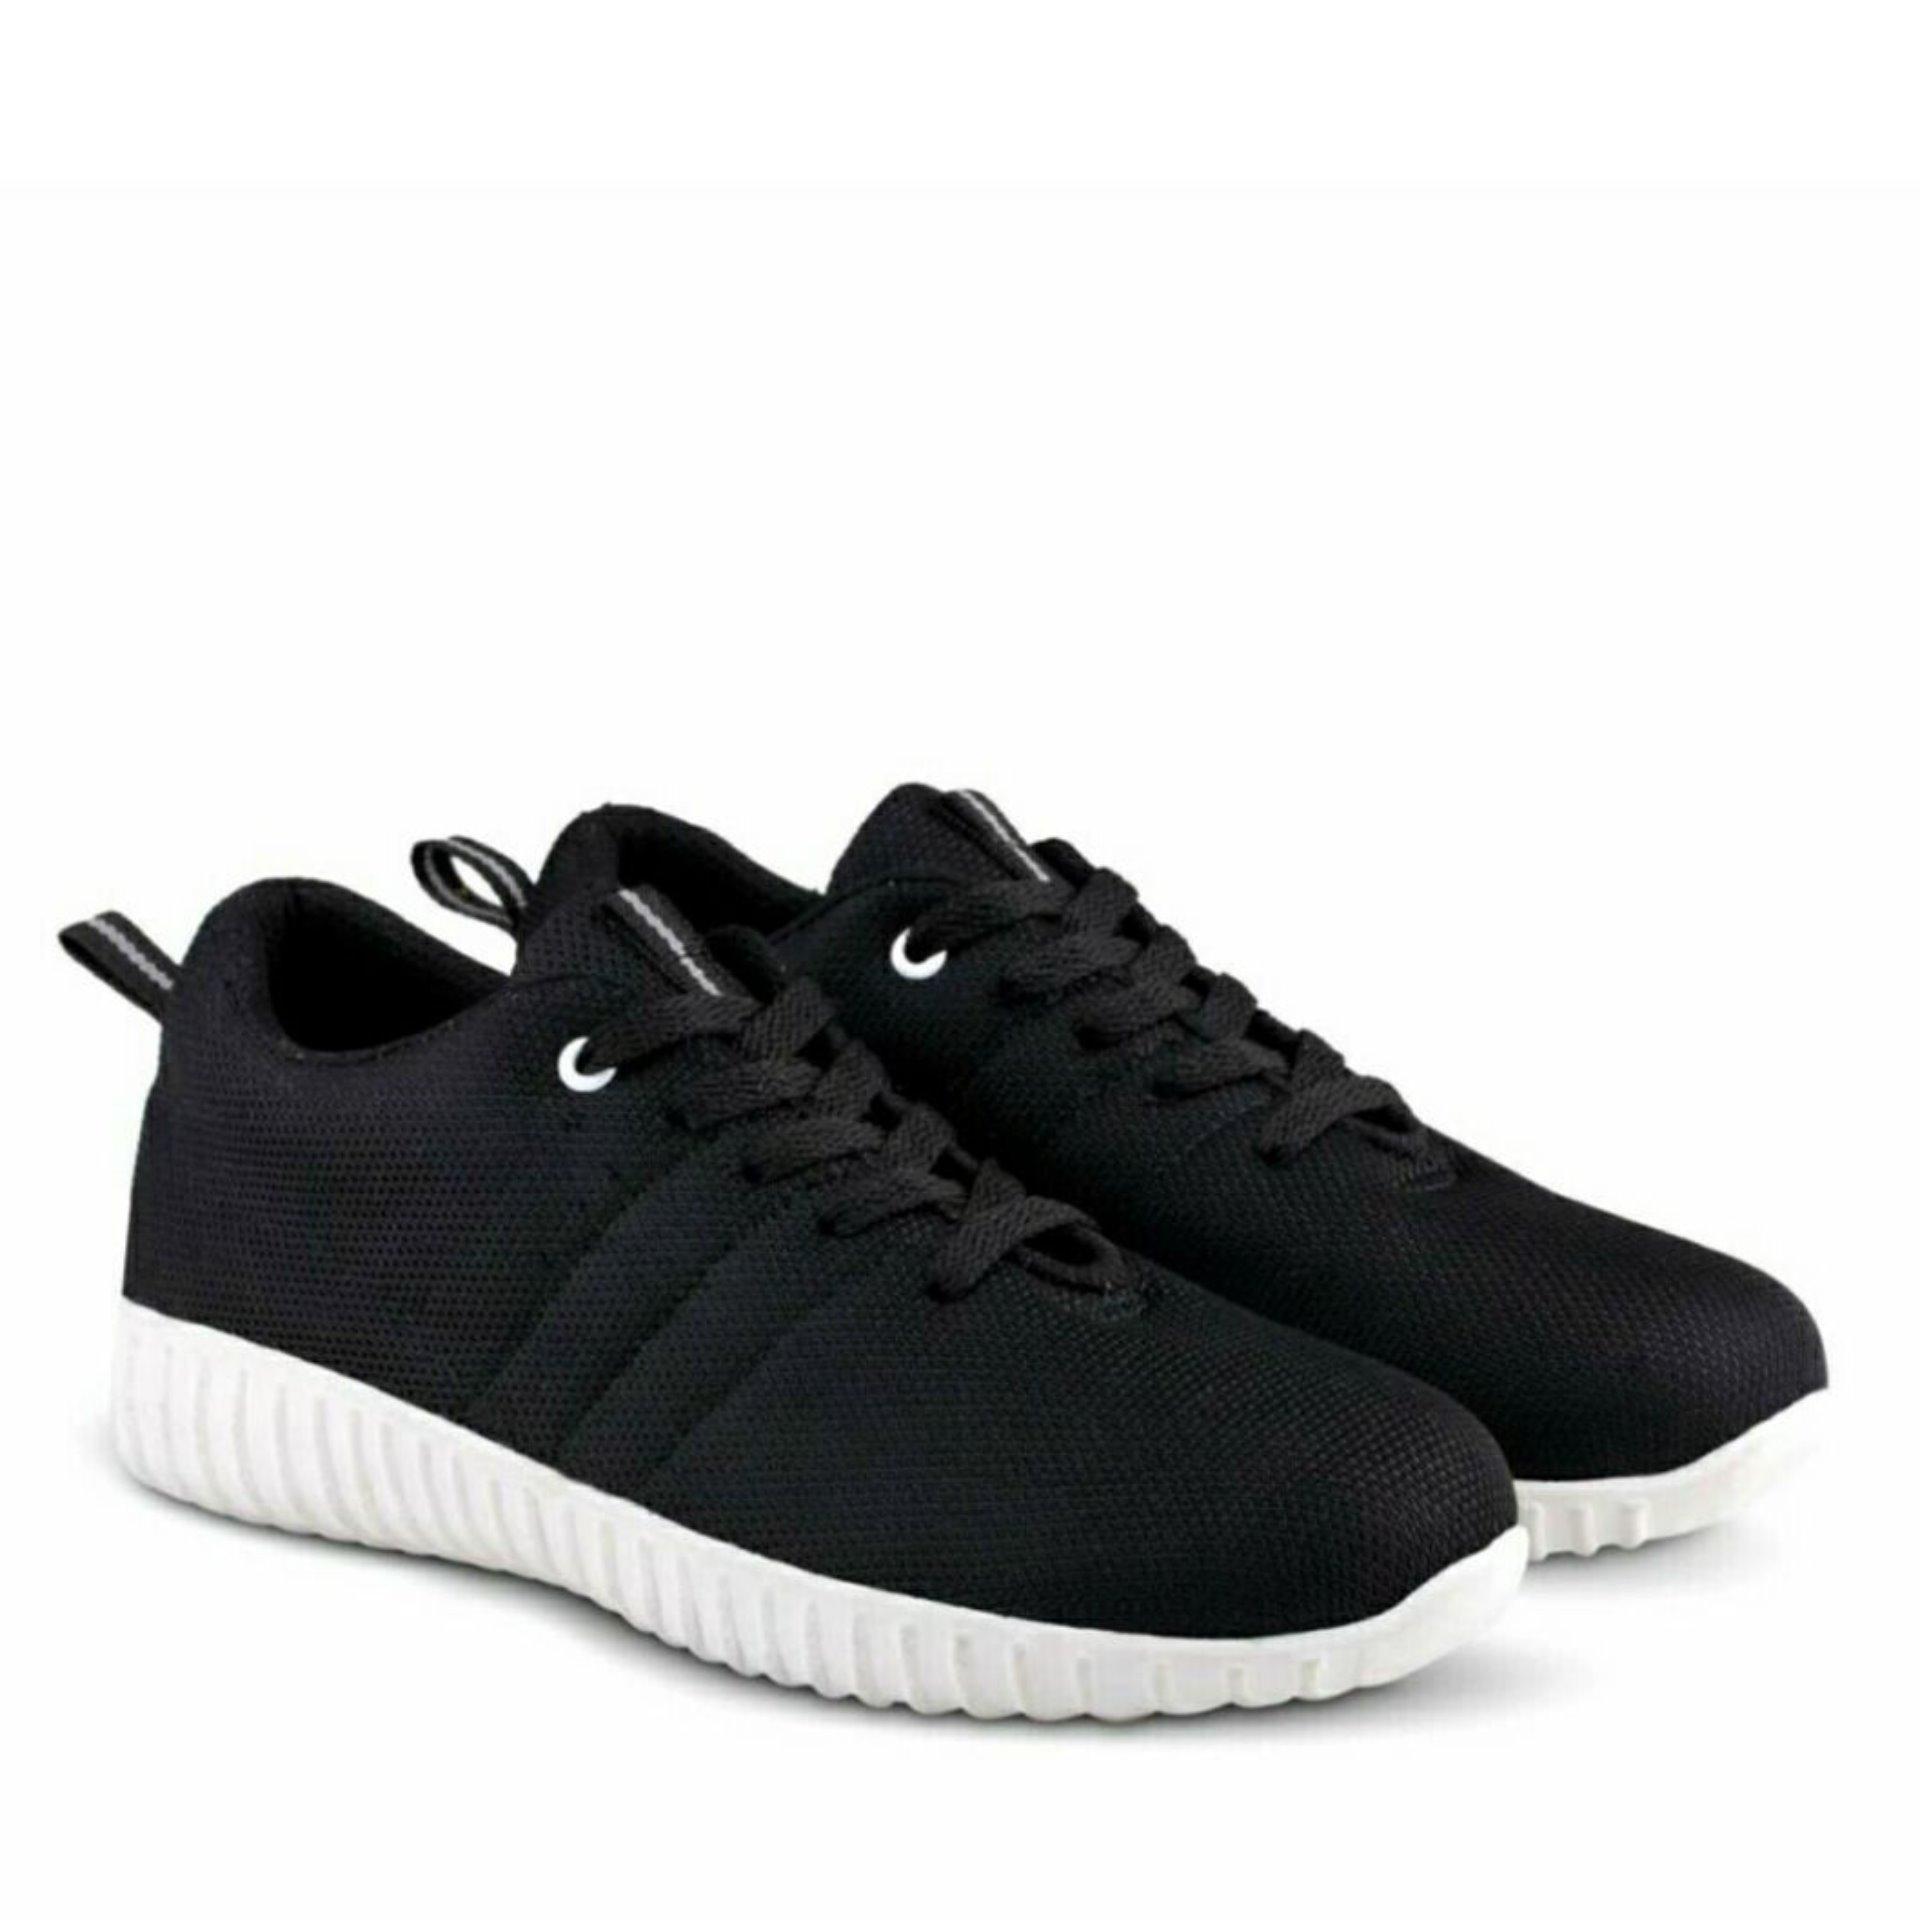 Adinova Shoes Sepatu Sport Adinio  Sepatu Olahraga   Sepatu Gaya Adinio   Sepatu Santai  fbaaaccf32